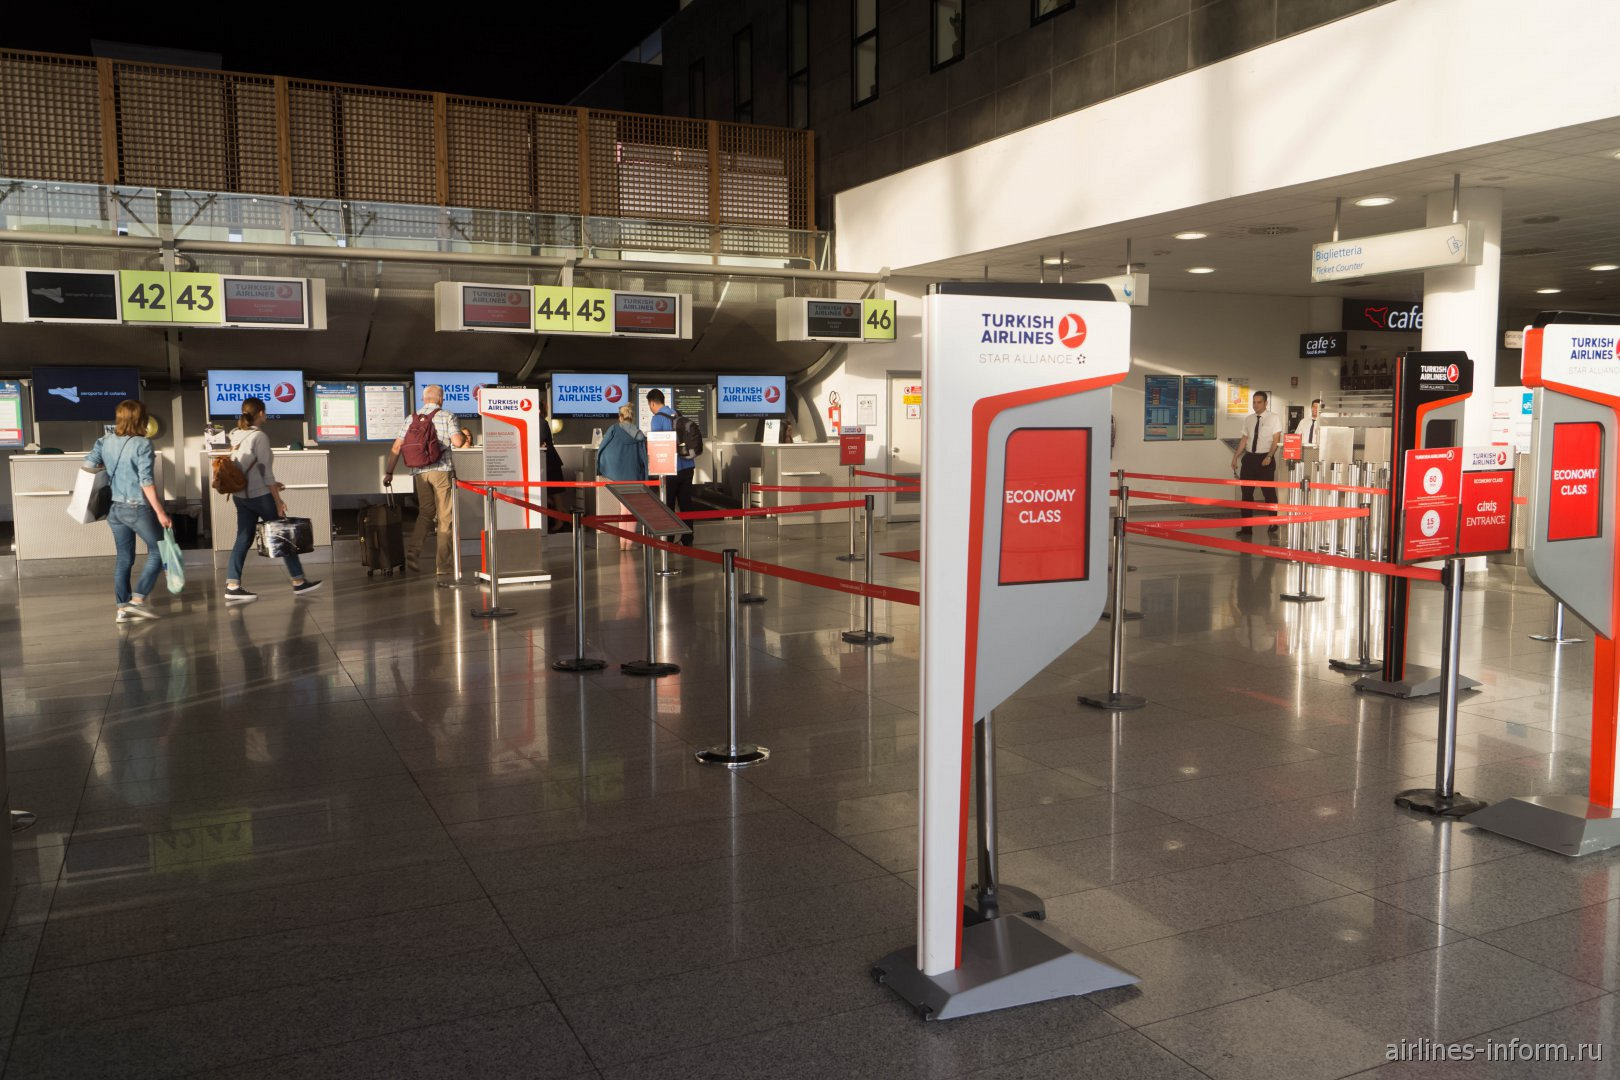 Стойки регистрации Турецких авиалиний в аэропорту Катания-Фонтанаросса